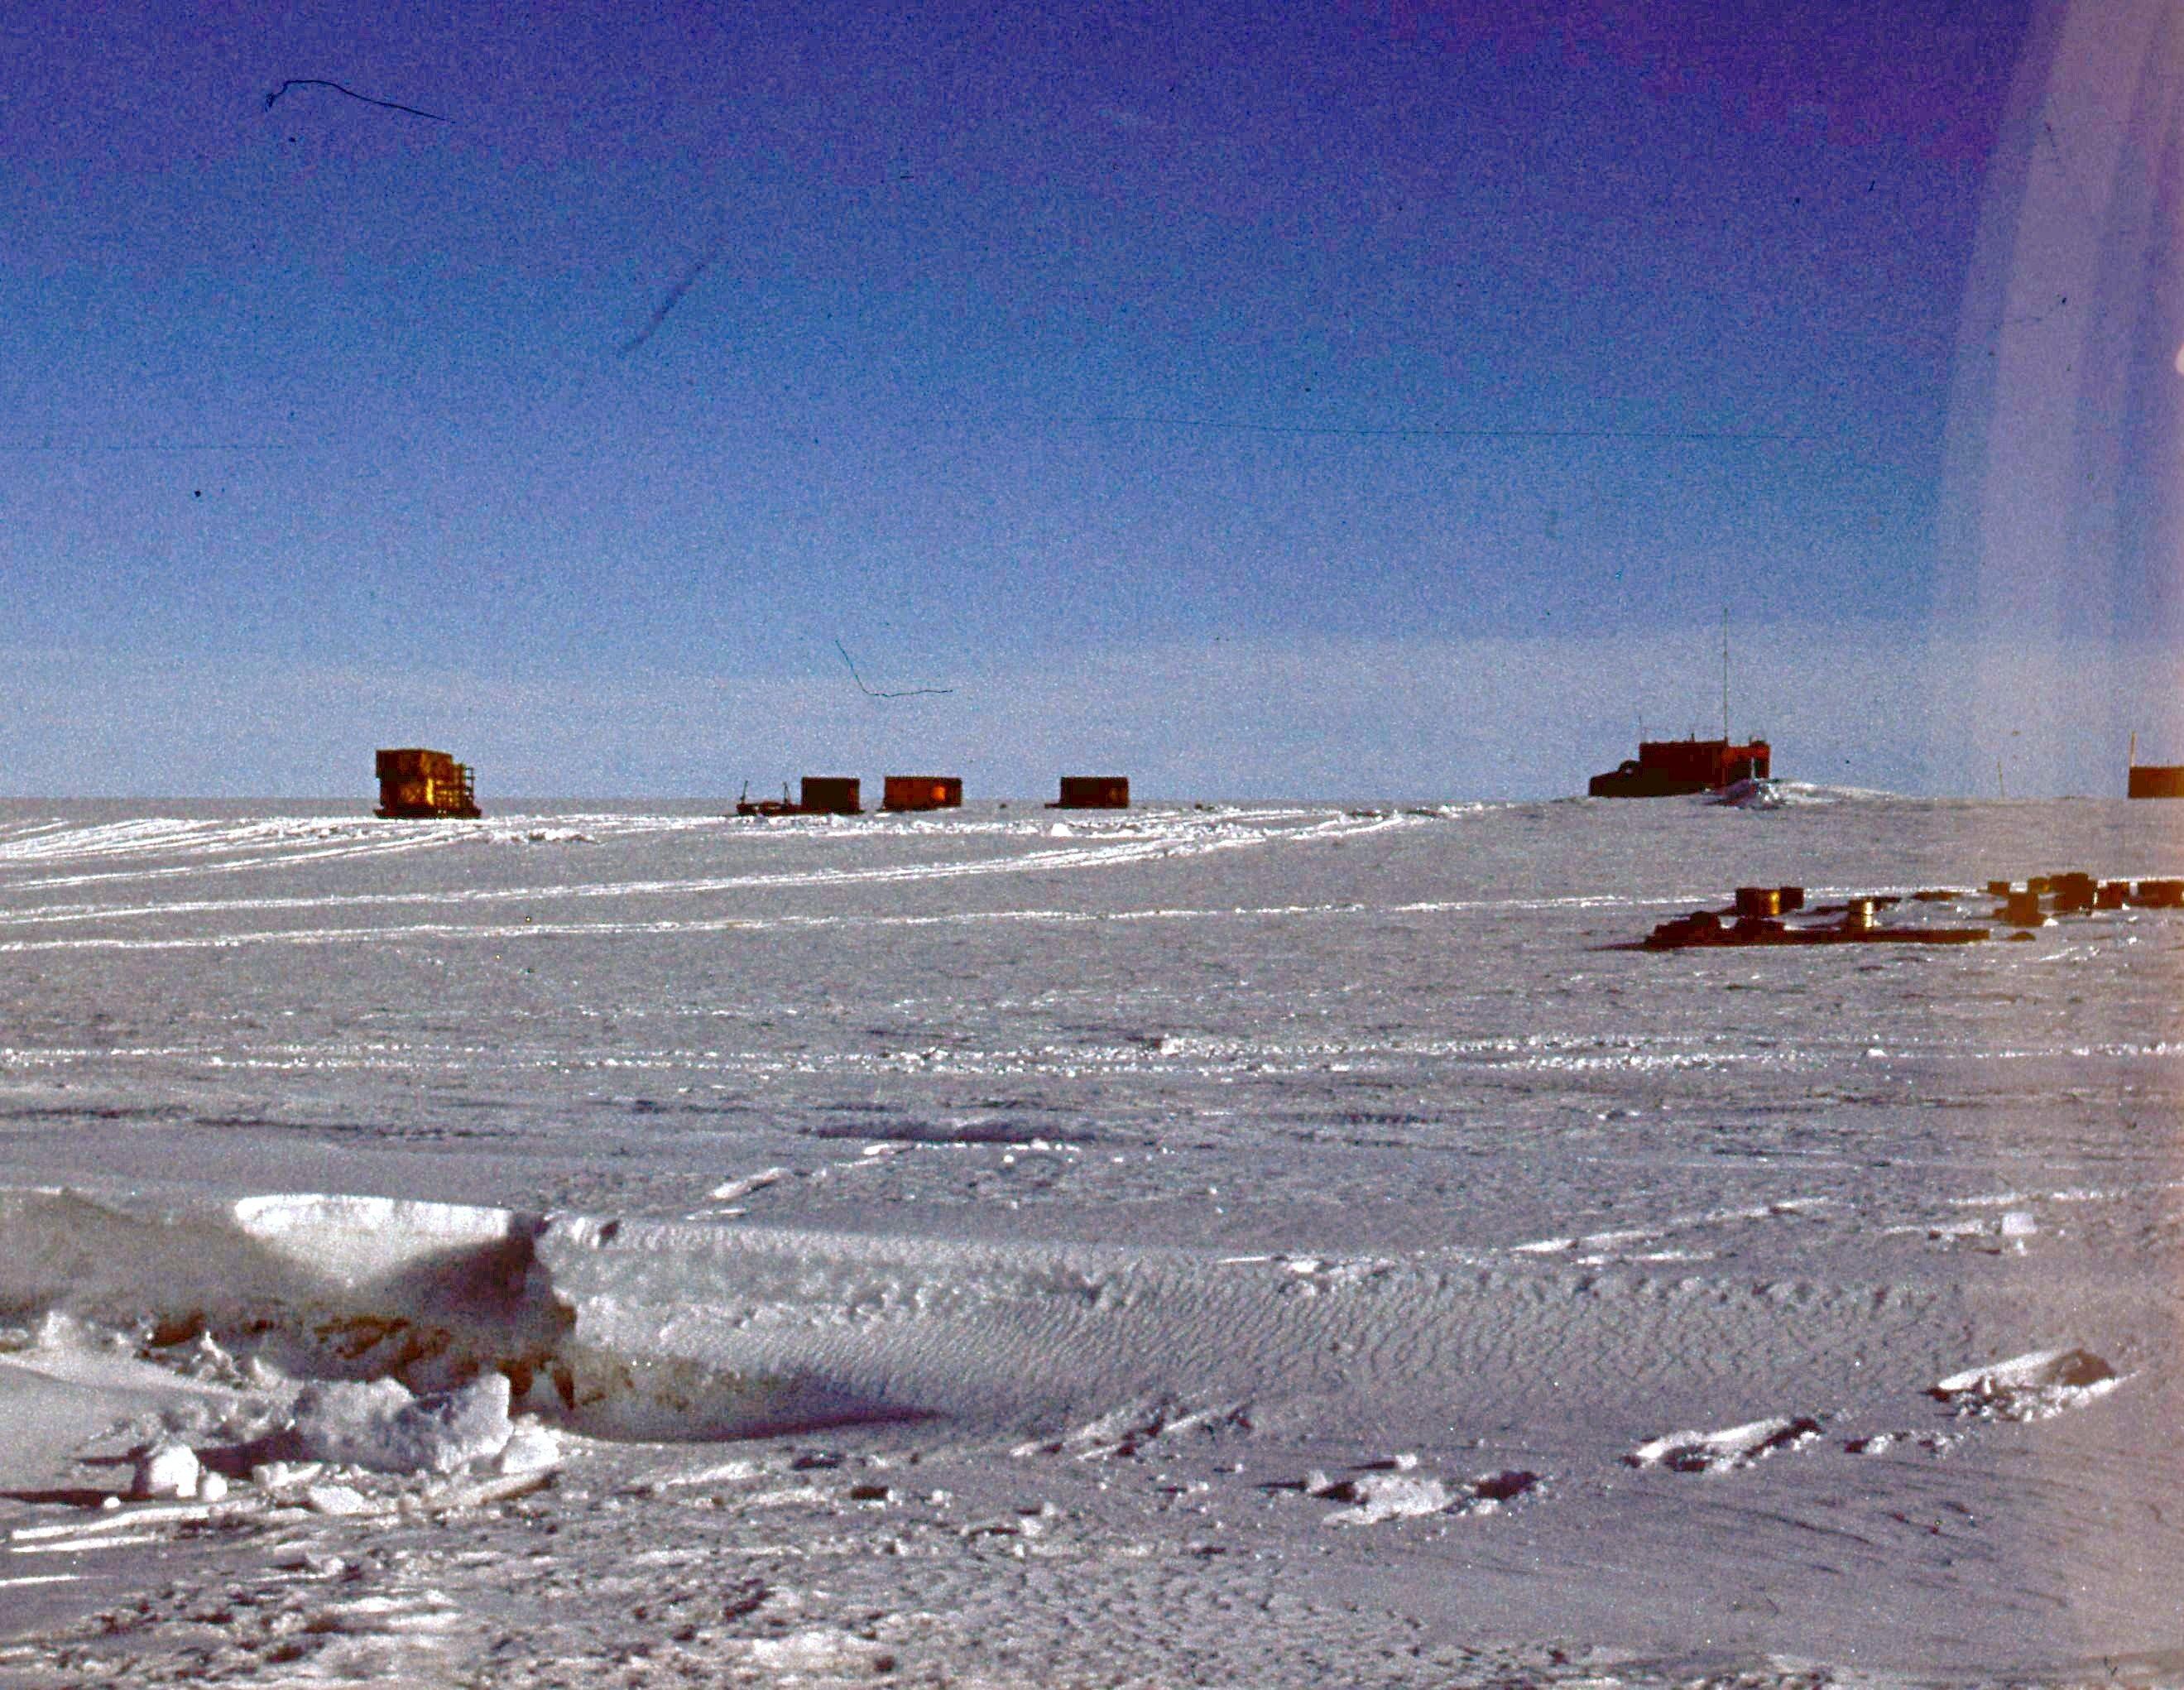 829754 Антарктическая станция _Молодёжная_.jpg